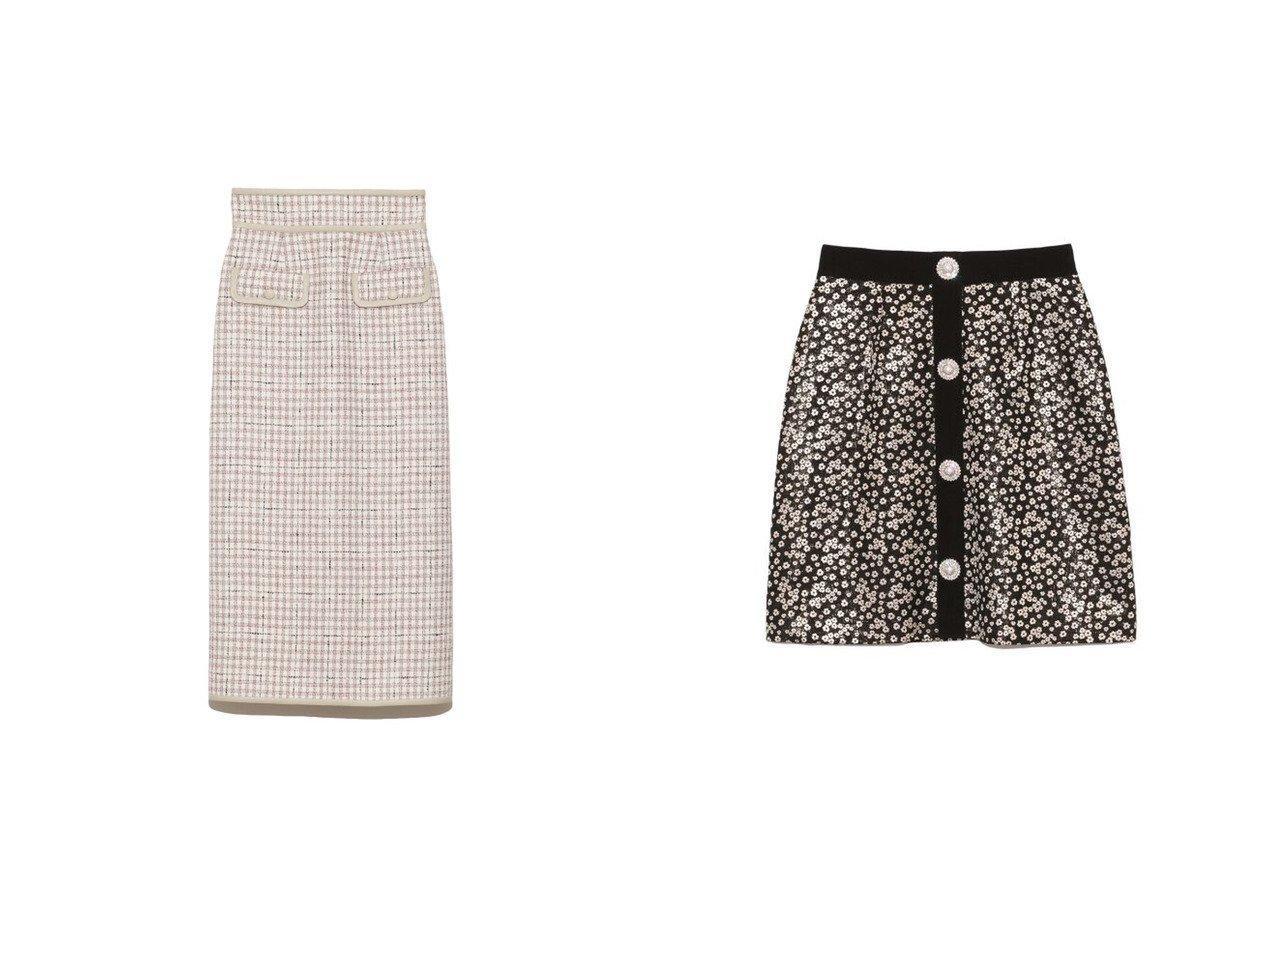 【Lily Brown/リリーブラウン】のツイードロングスカート&[L.B CANDY STOCK]ビジュー釦ミニスカート スカートのおすすめ!人気、レディースファッションの通販 おすすめで人気のファッション通販商品 インテリア・家具・キッズファッション・メンズファッション・レディースファッション・服の通販 founy(ファニー) https://founy.com/ ファッション Fashion レディース WOMEN スカート Skirt ロングスカート Long Skirt ミニスカート Mini Skirts クール ジャケット スマート セットアップ ツイード パイピング フェイクレザー フロント ポケット ミックス ロング コンパクト 台形 ビジュー ミニスカート 無地 冬 Winter  ID:crp329100000002704